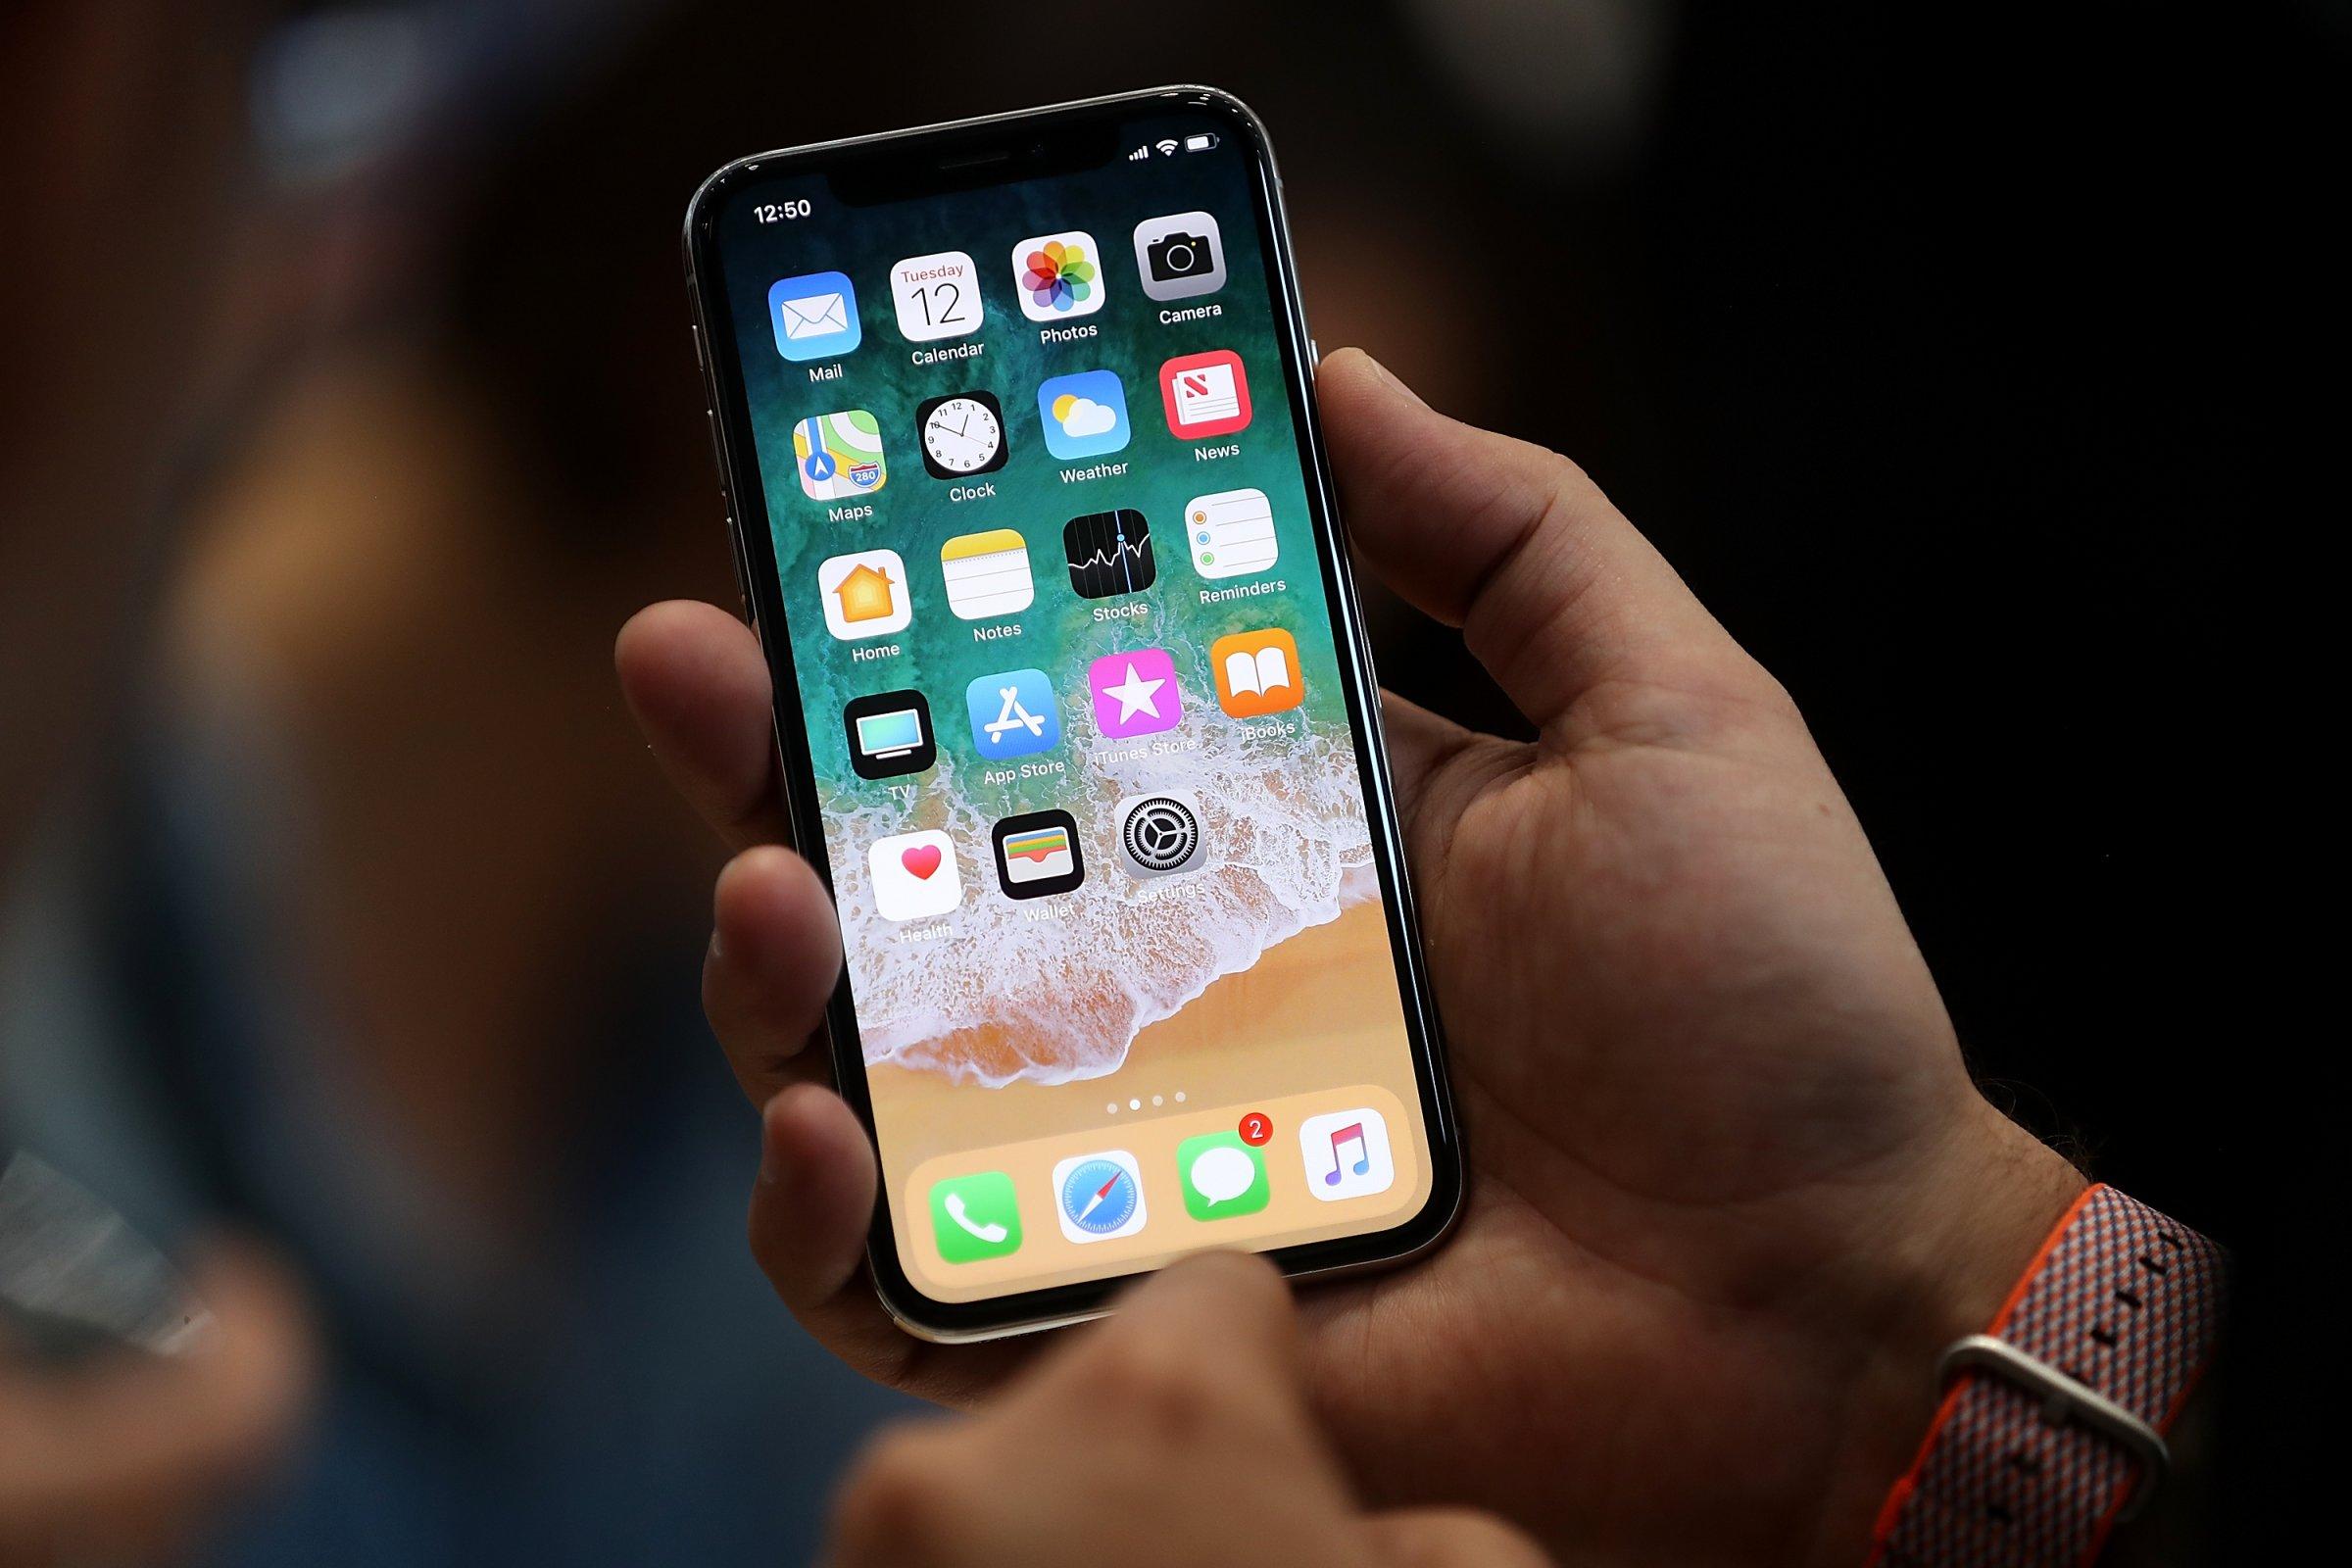 Giá sửa chữa iPhone X đủ mua một điện thoại Android cao cấp